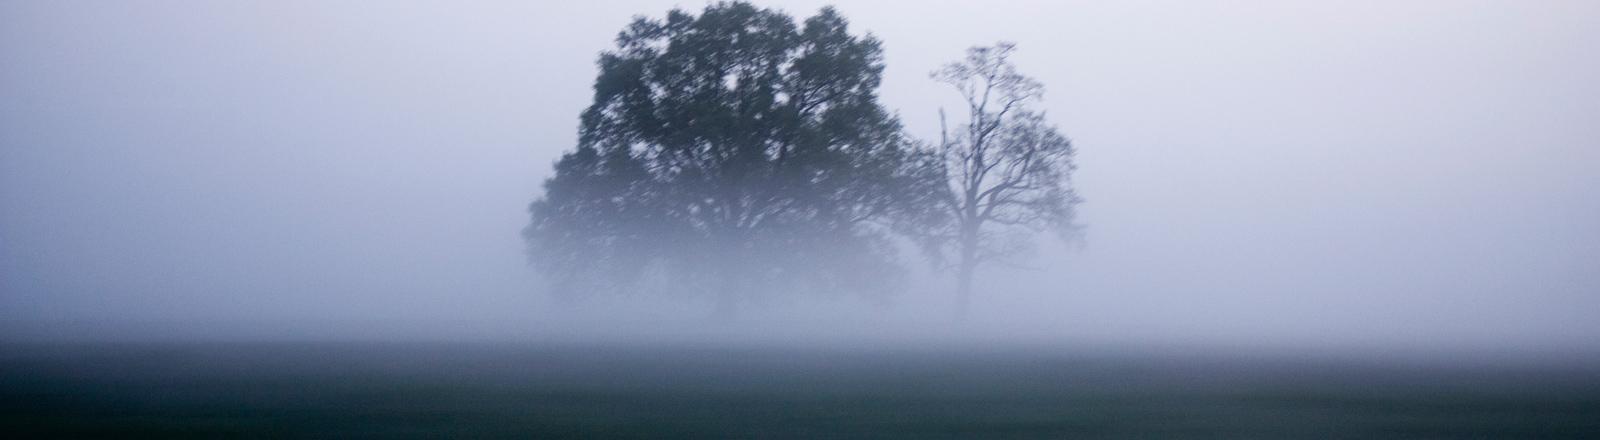 Dicke Nebelschwaden auf einer Wiese verschlucken einen Baum.